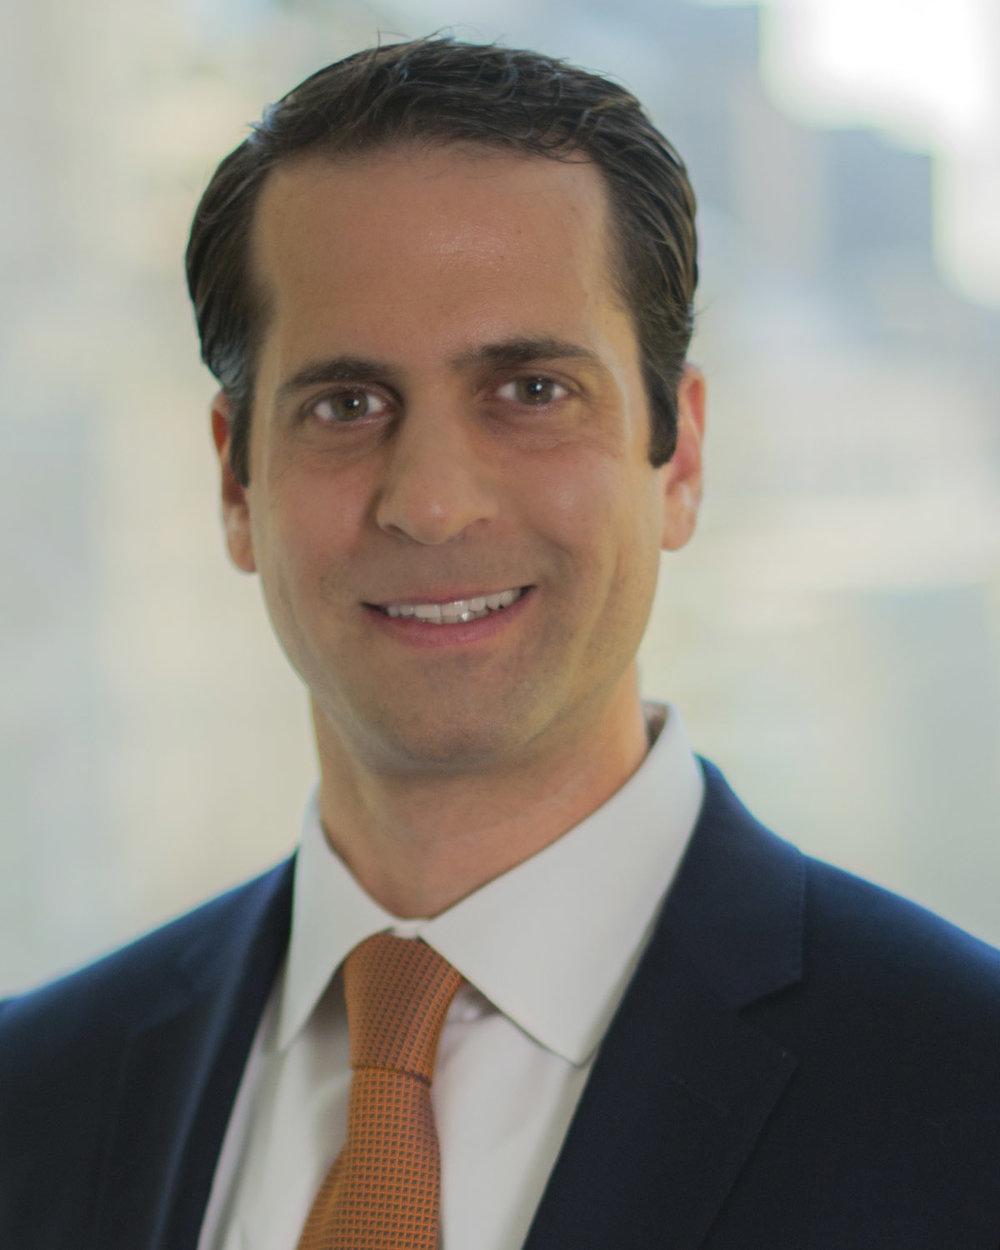 Benjamin Panter (Moderator)